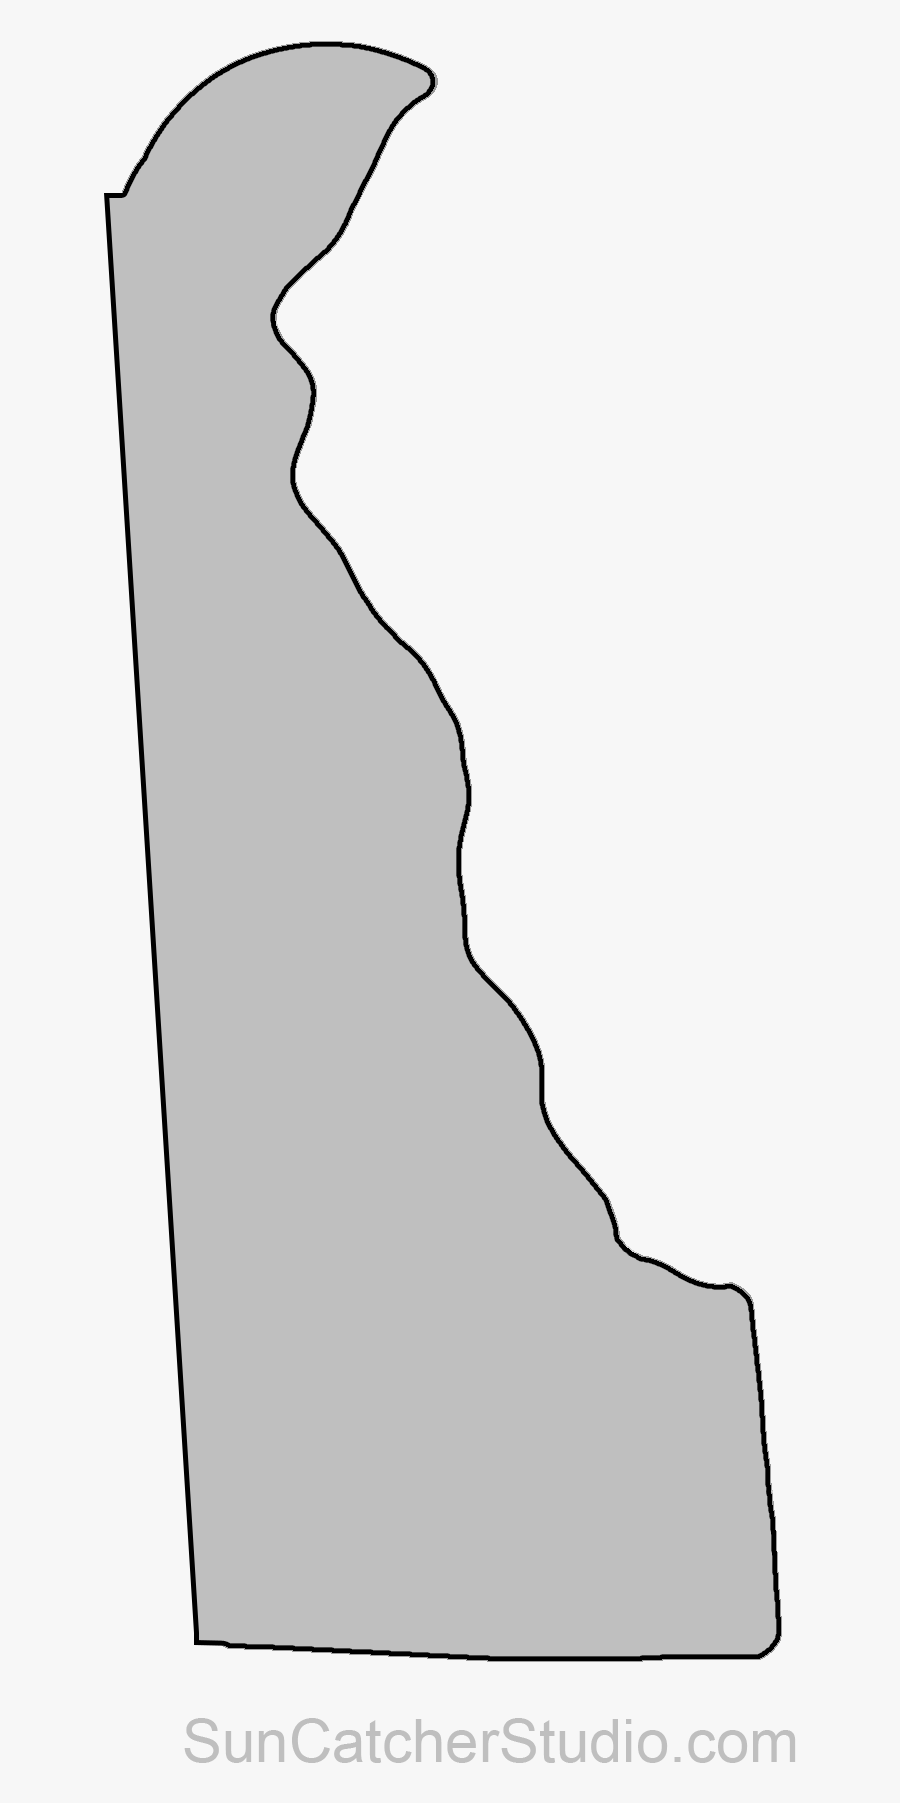 Delaware Outline Png Pixels - Delaware State Outline Png, Transparent Clipart